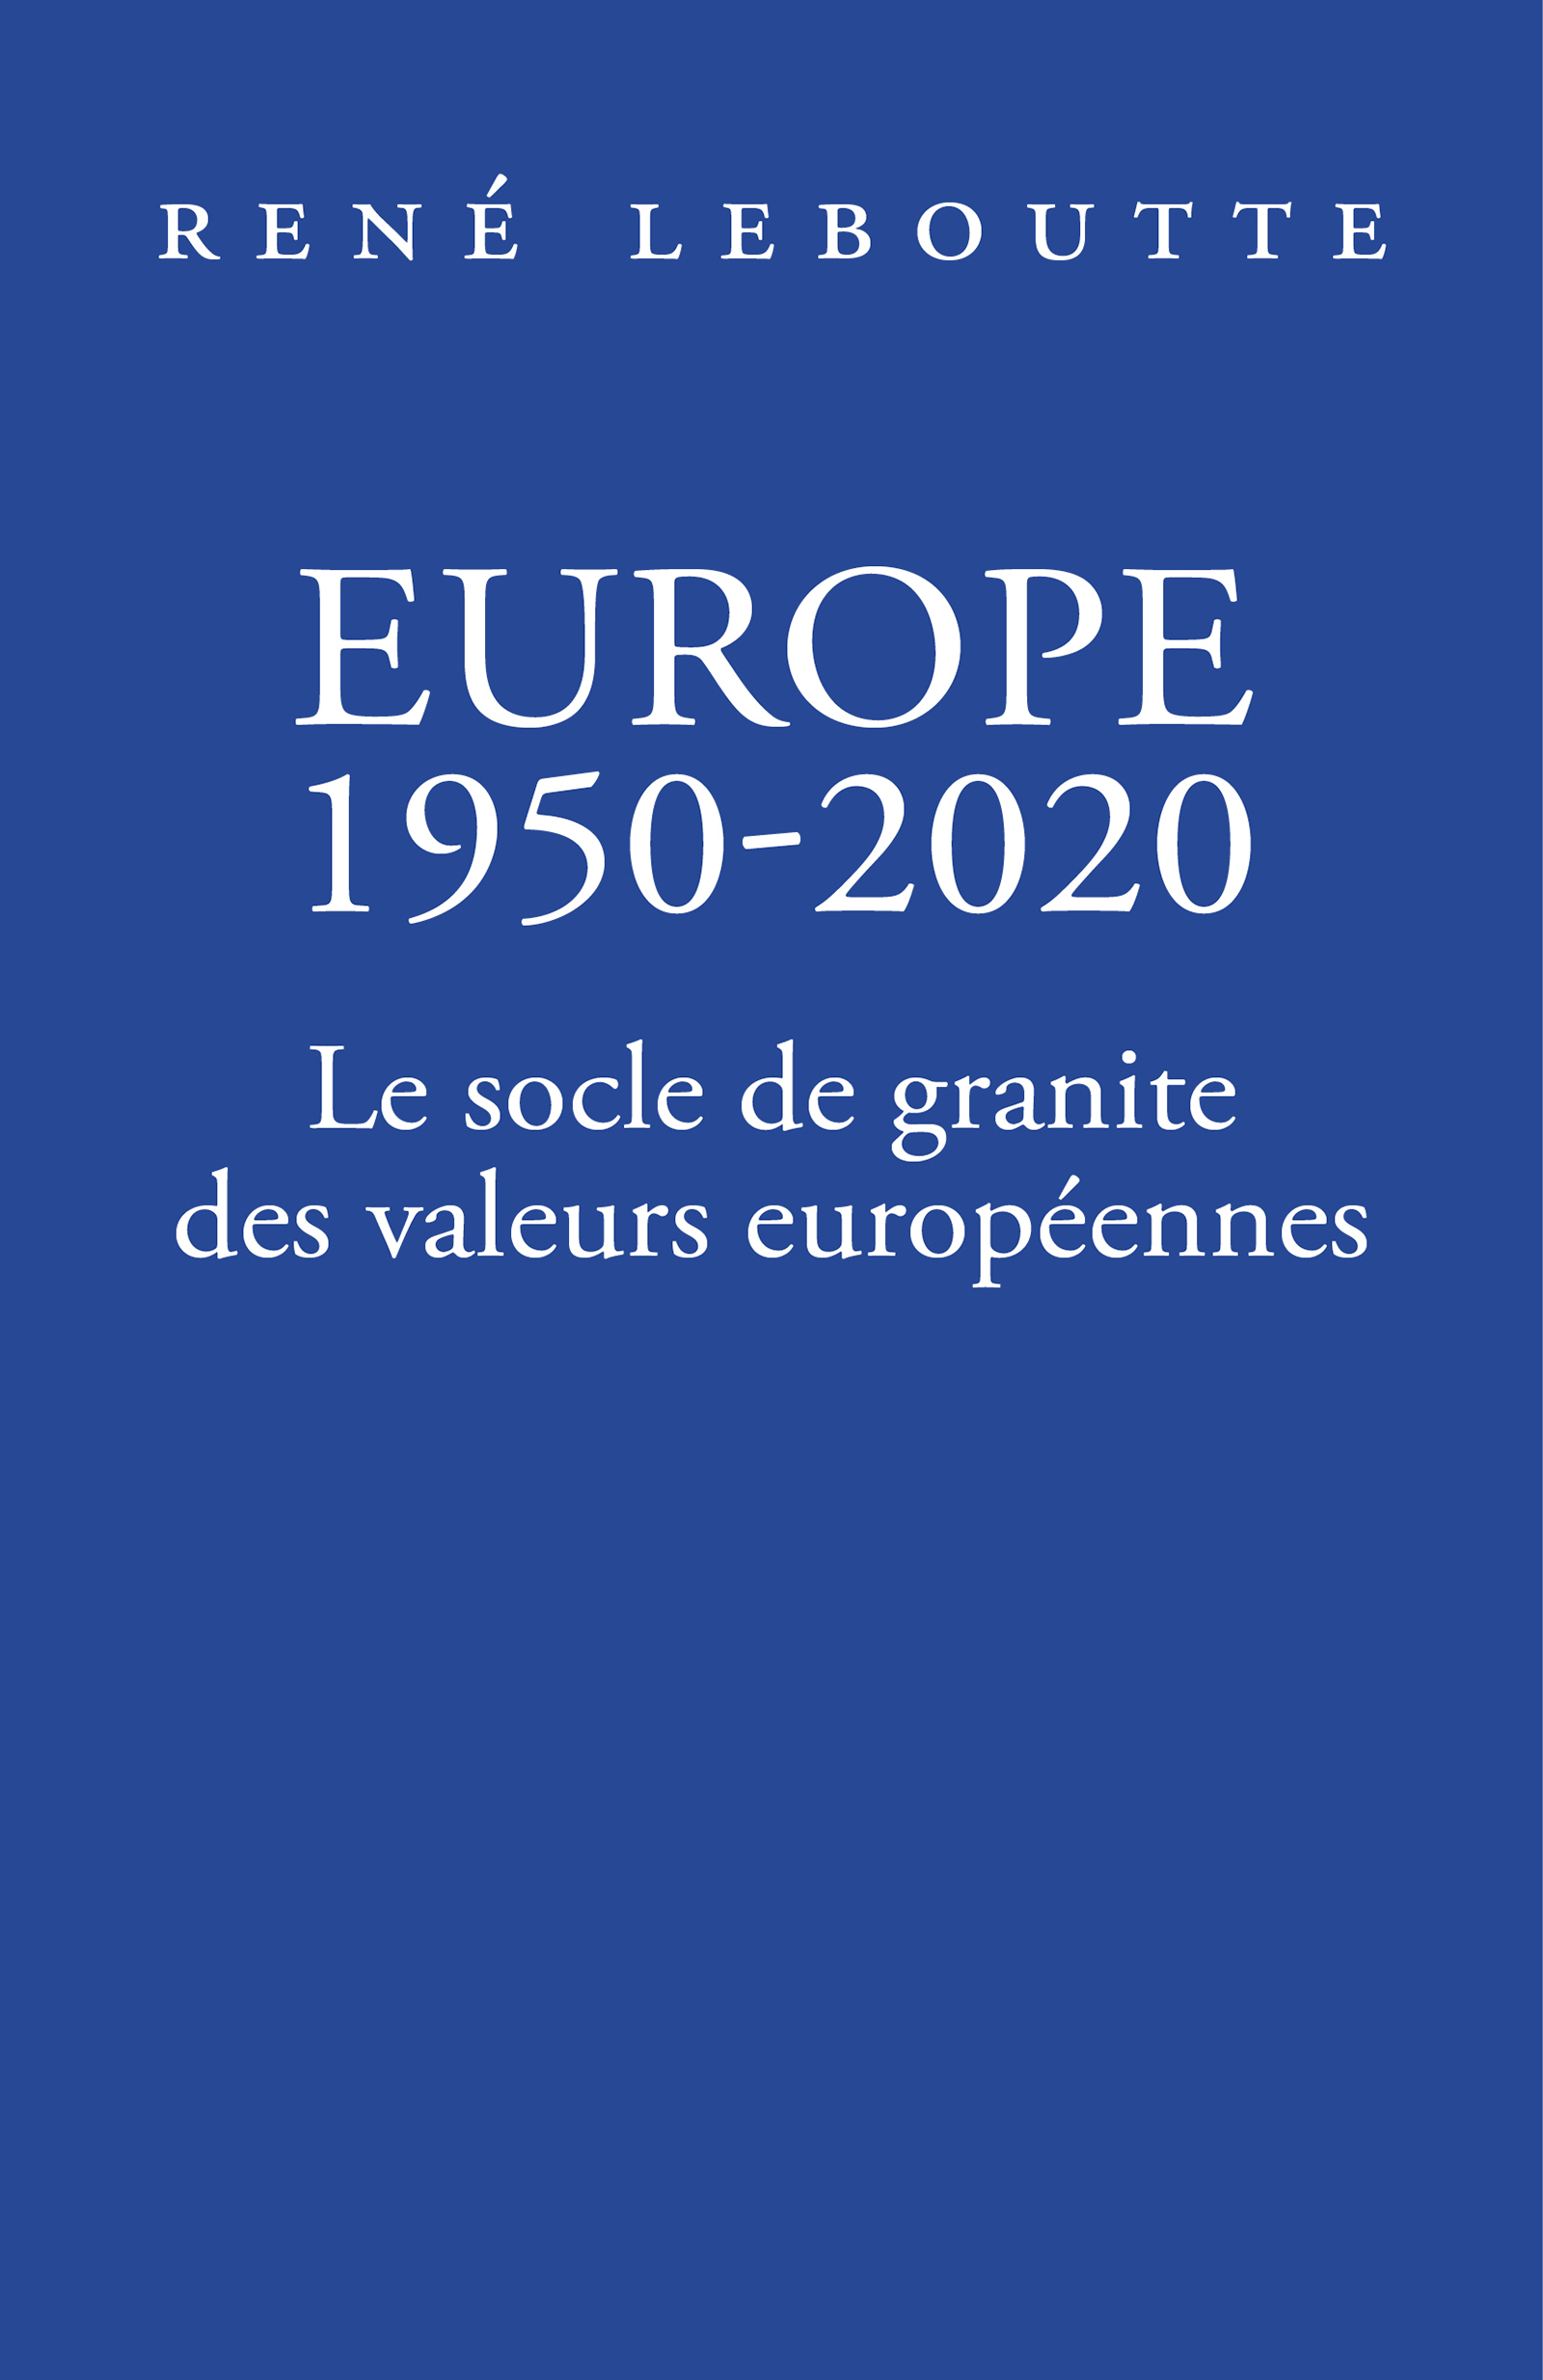 Europe 1950-2020, Le socle de granite des valeurs europ?ennes